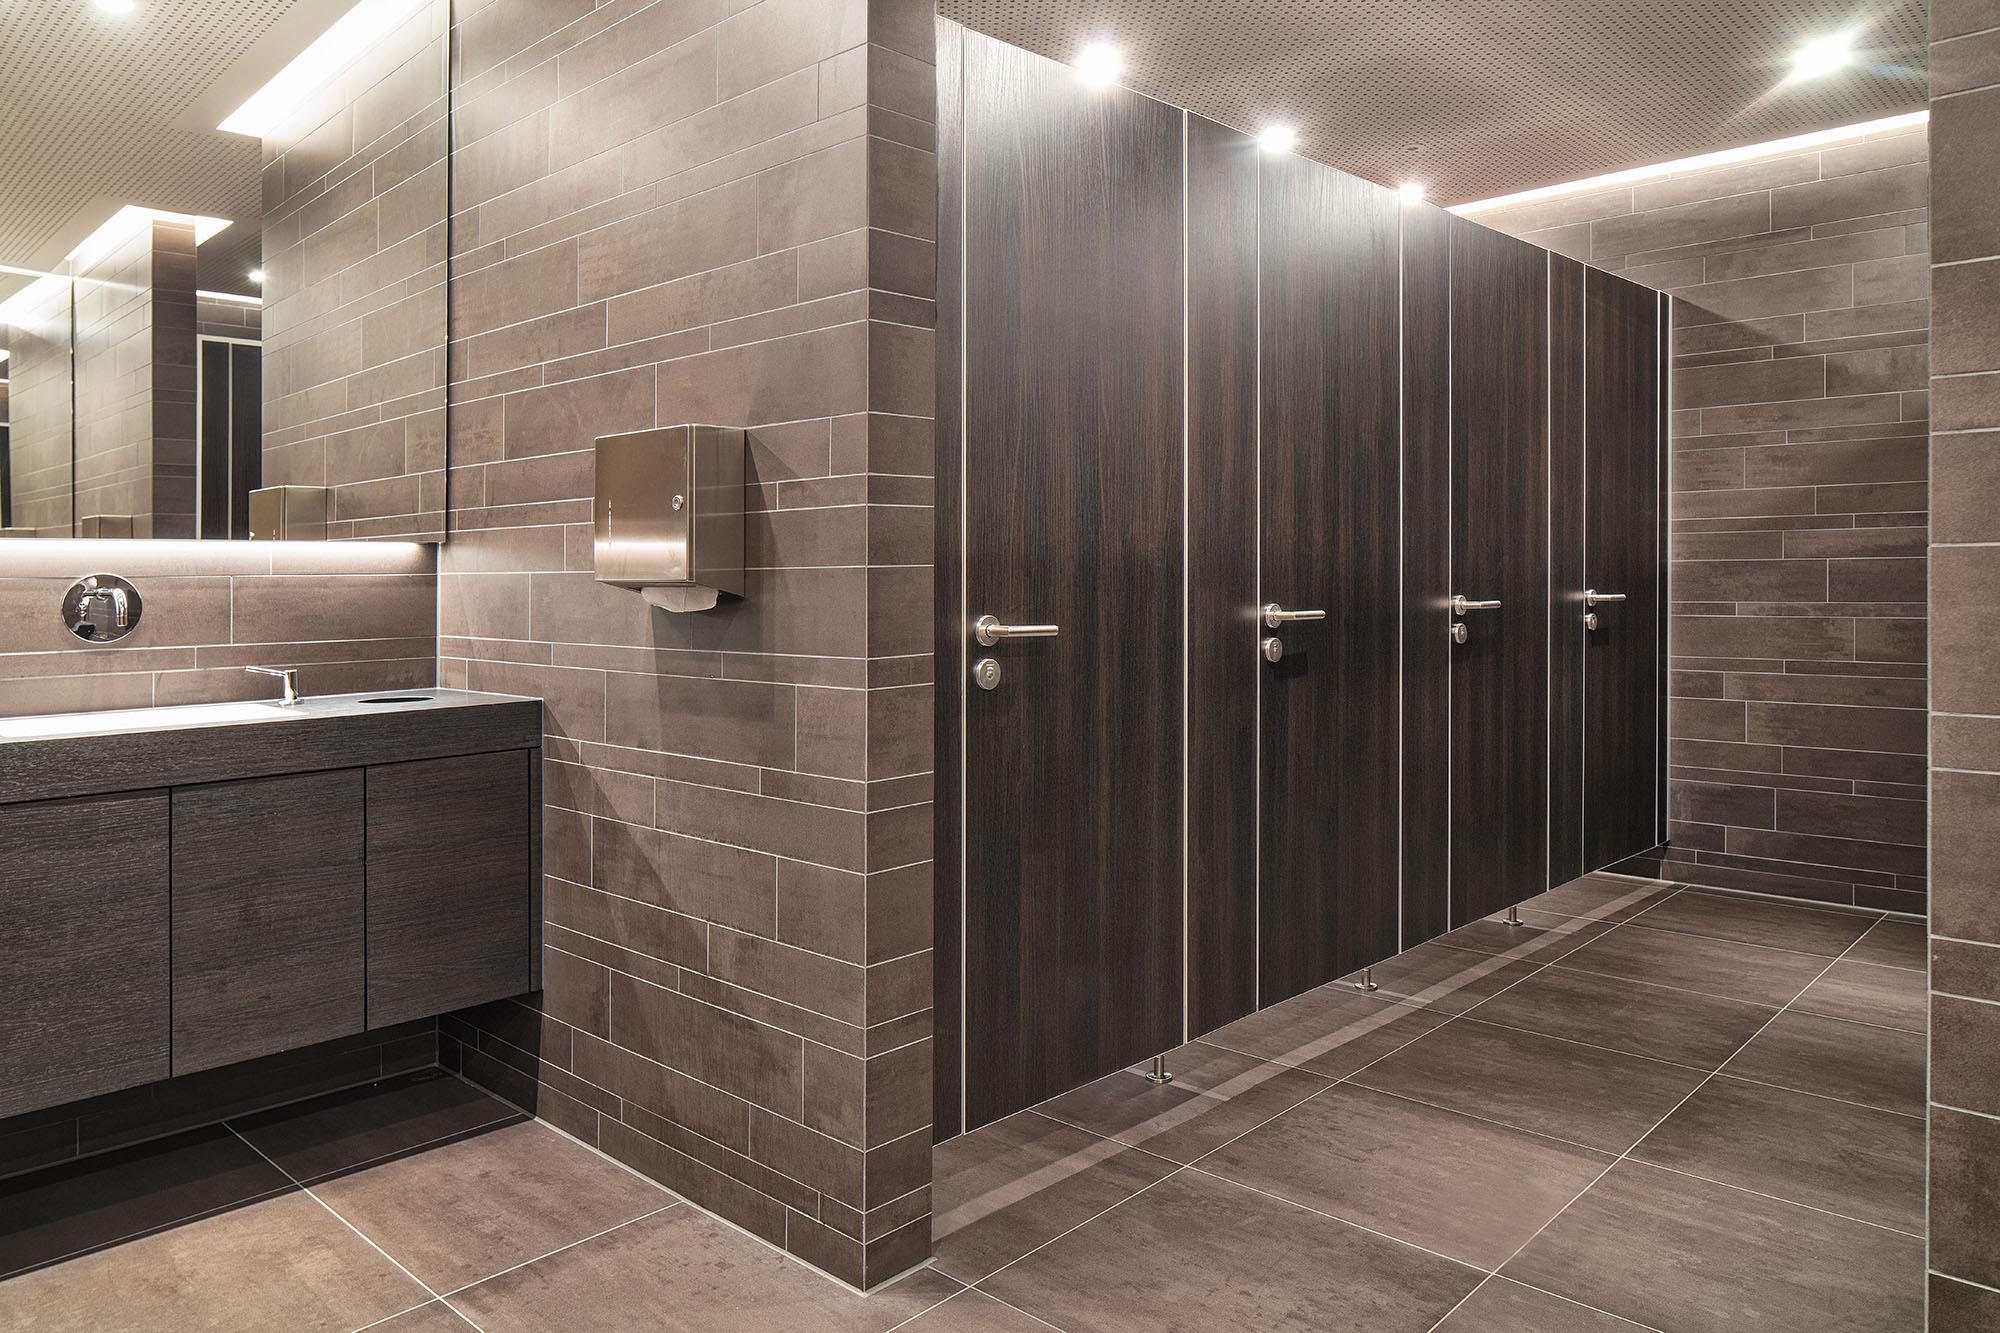 wc trennwandsystem niuu nachhaltiger allesk nner f r den ffentlichen sanit rraum handwerker. Black Bedroom Furniture Sets. Home Design Ideas